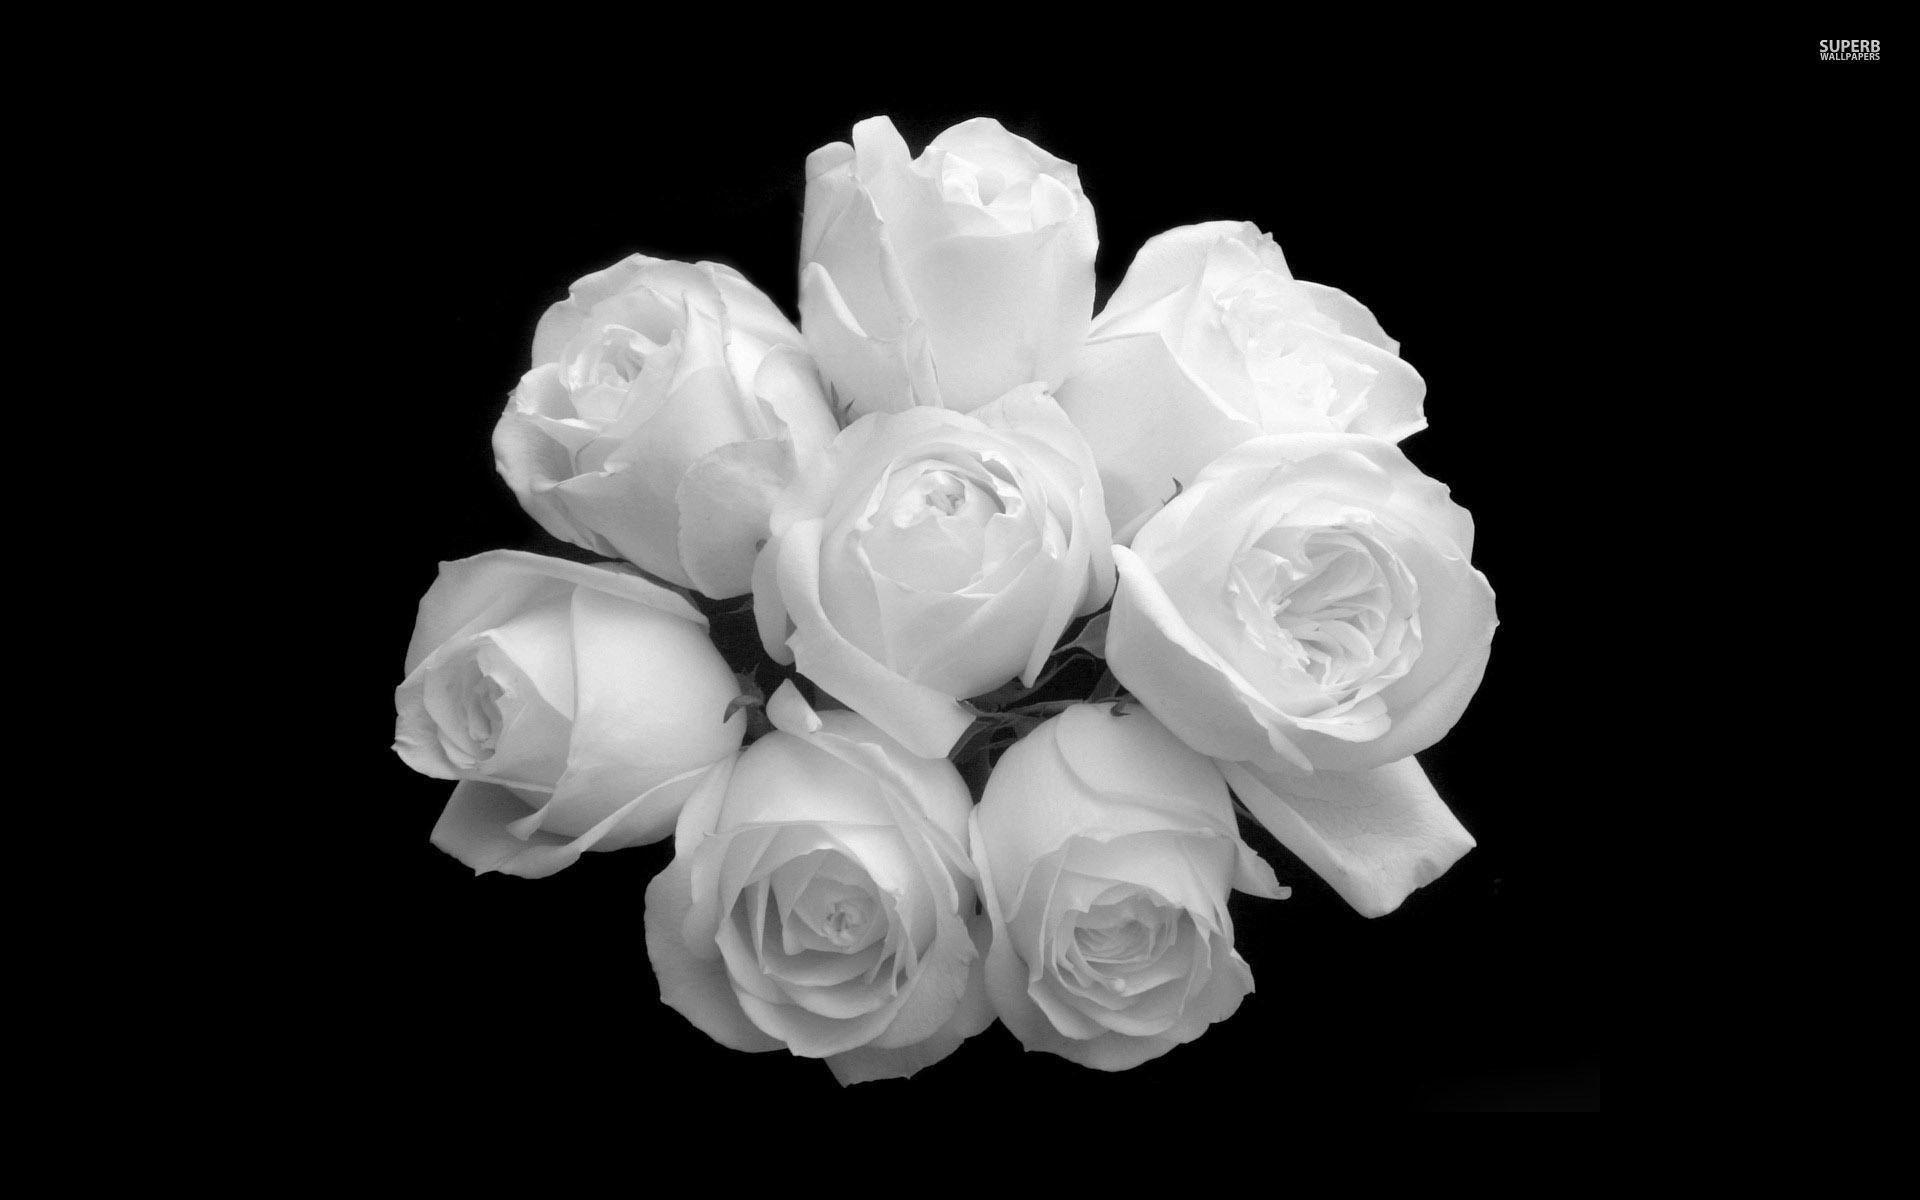 Rose Aesthetic Wallpaper White Novocom Top